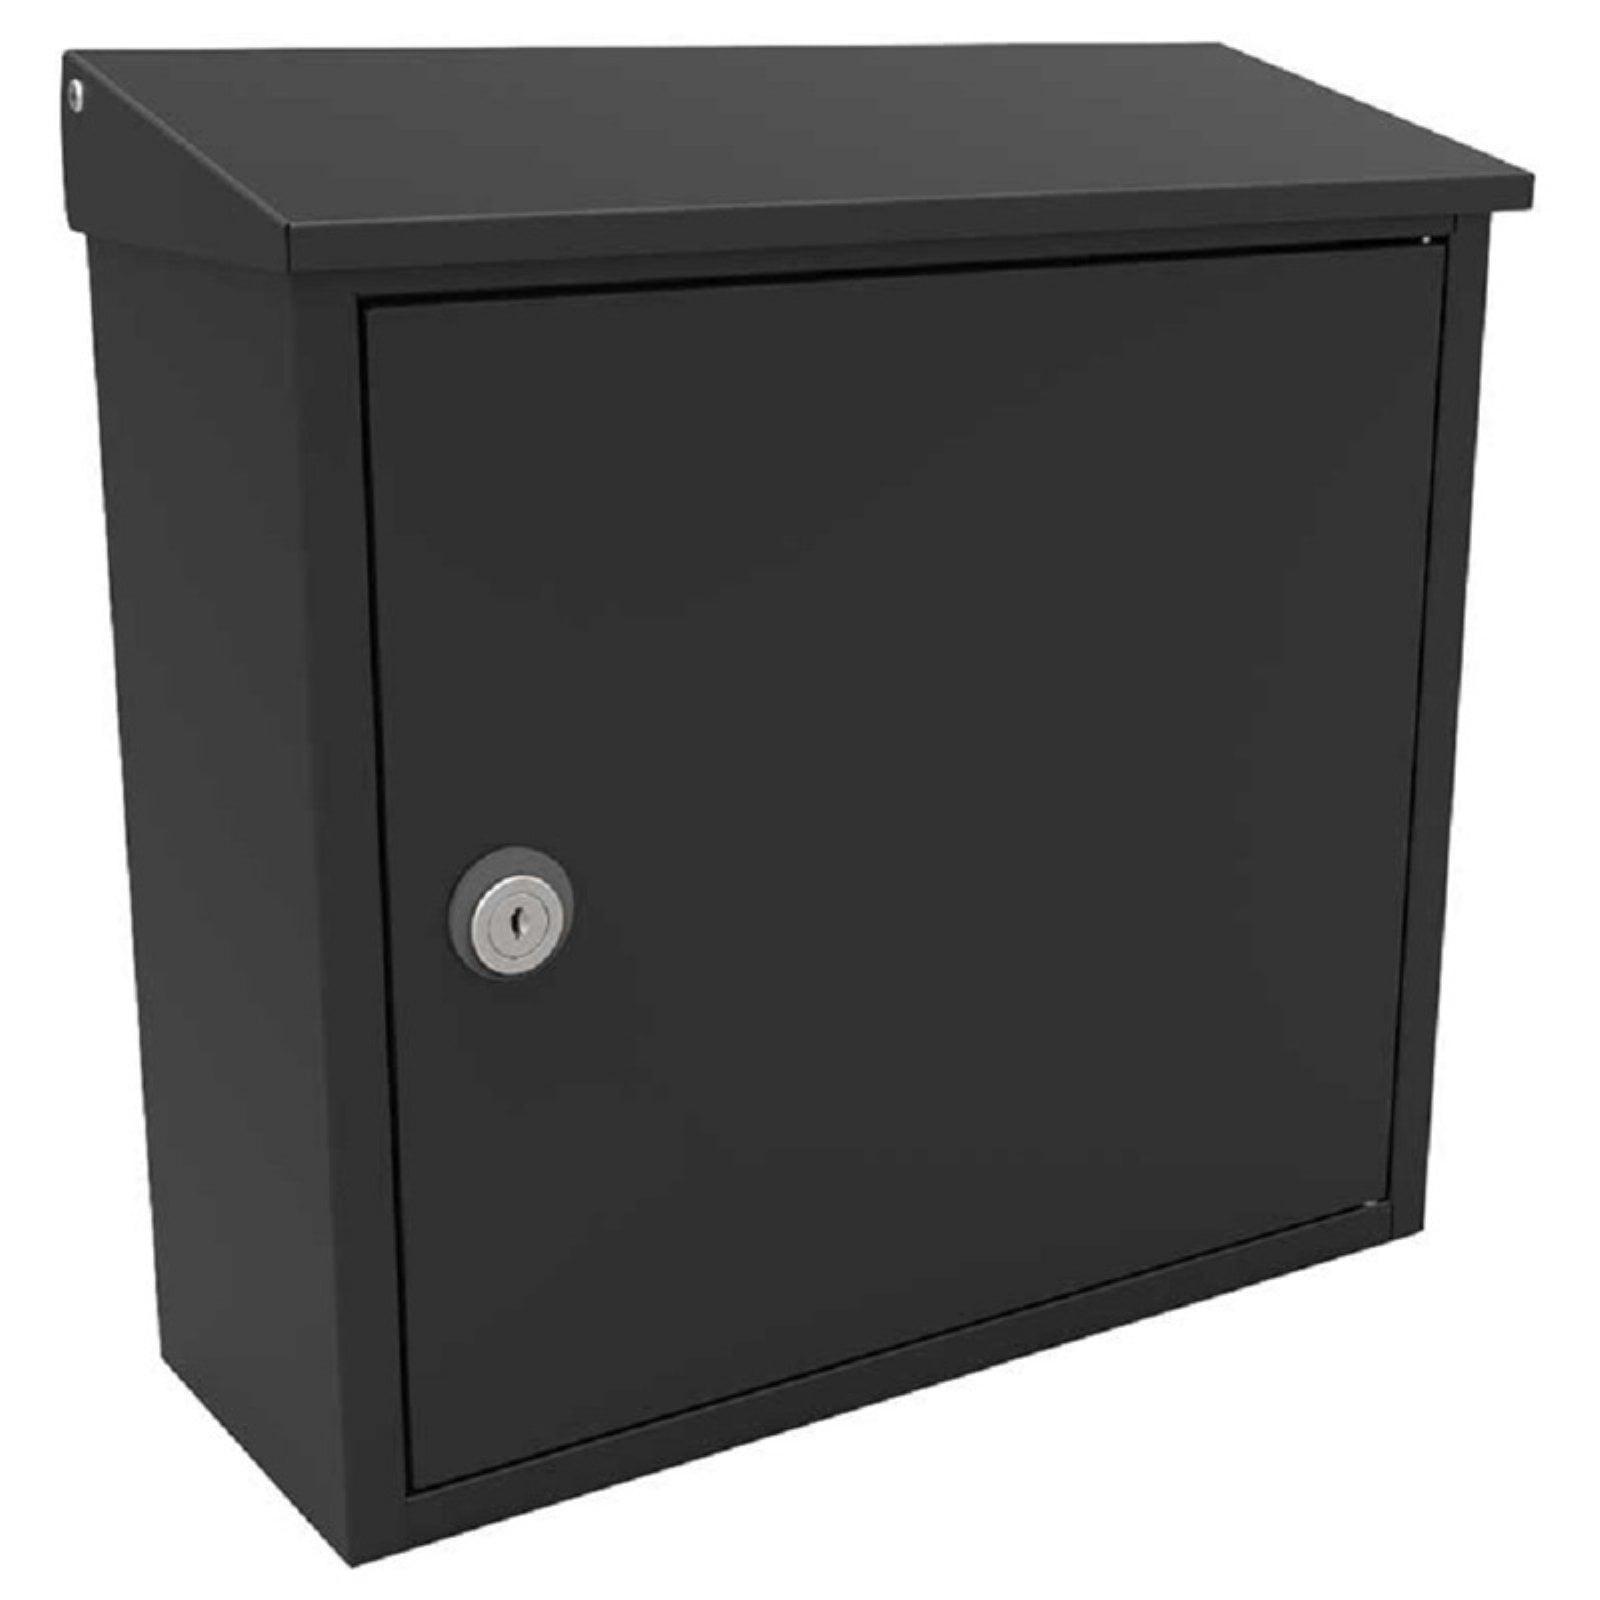 Allux Series Mailboxes Allux 400 Locking Mailbox by Qualarc